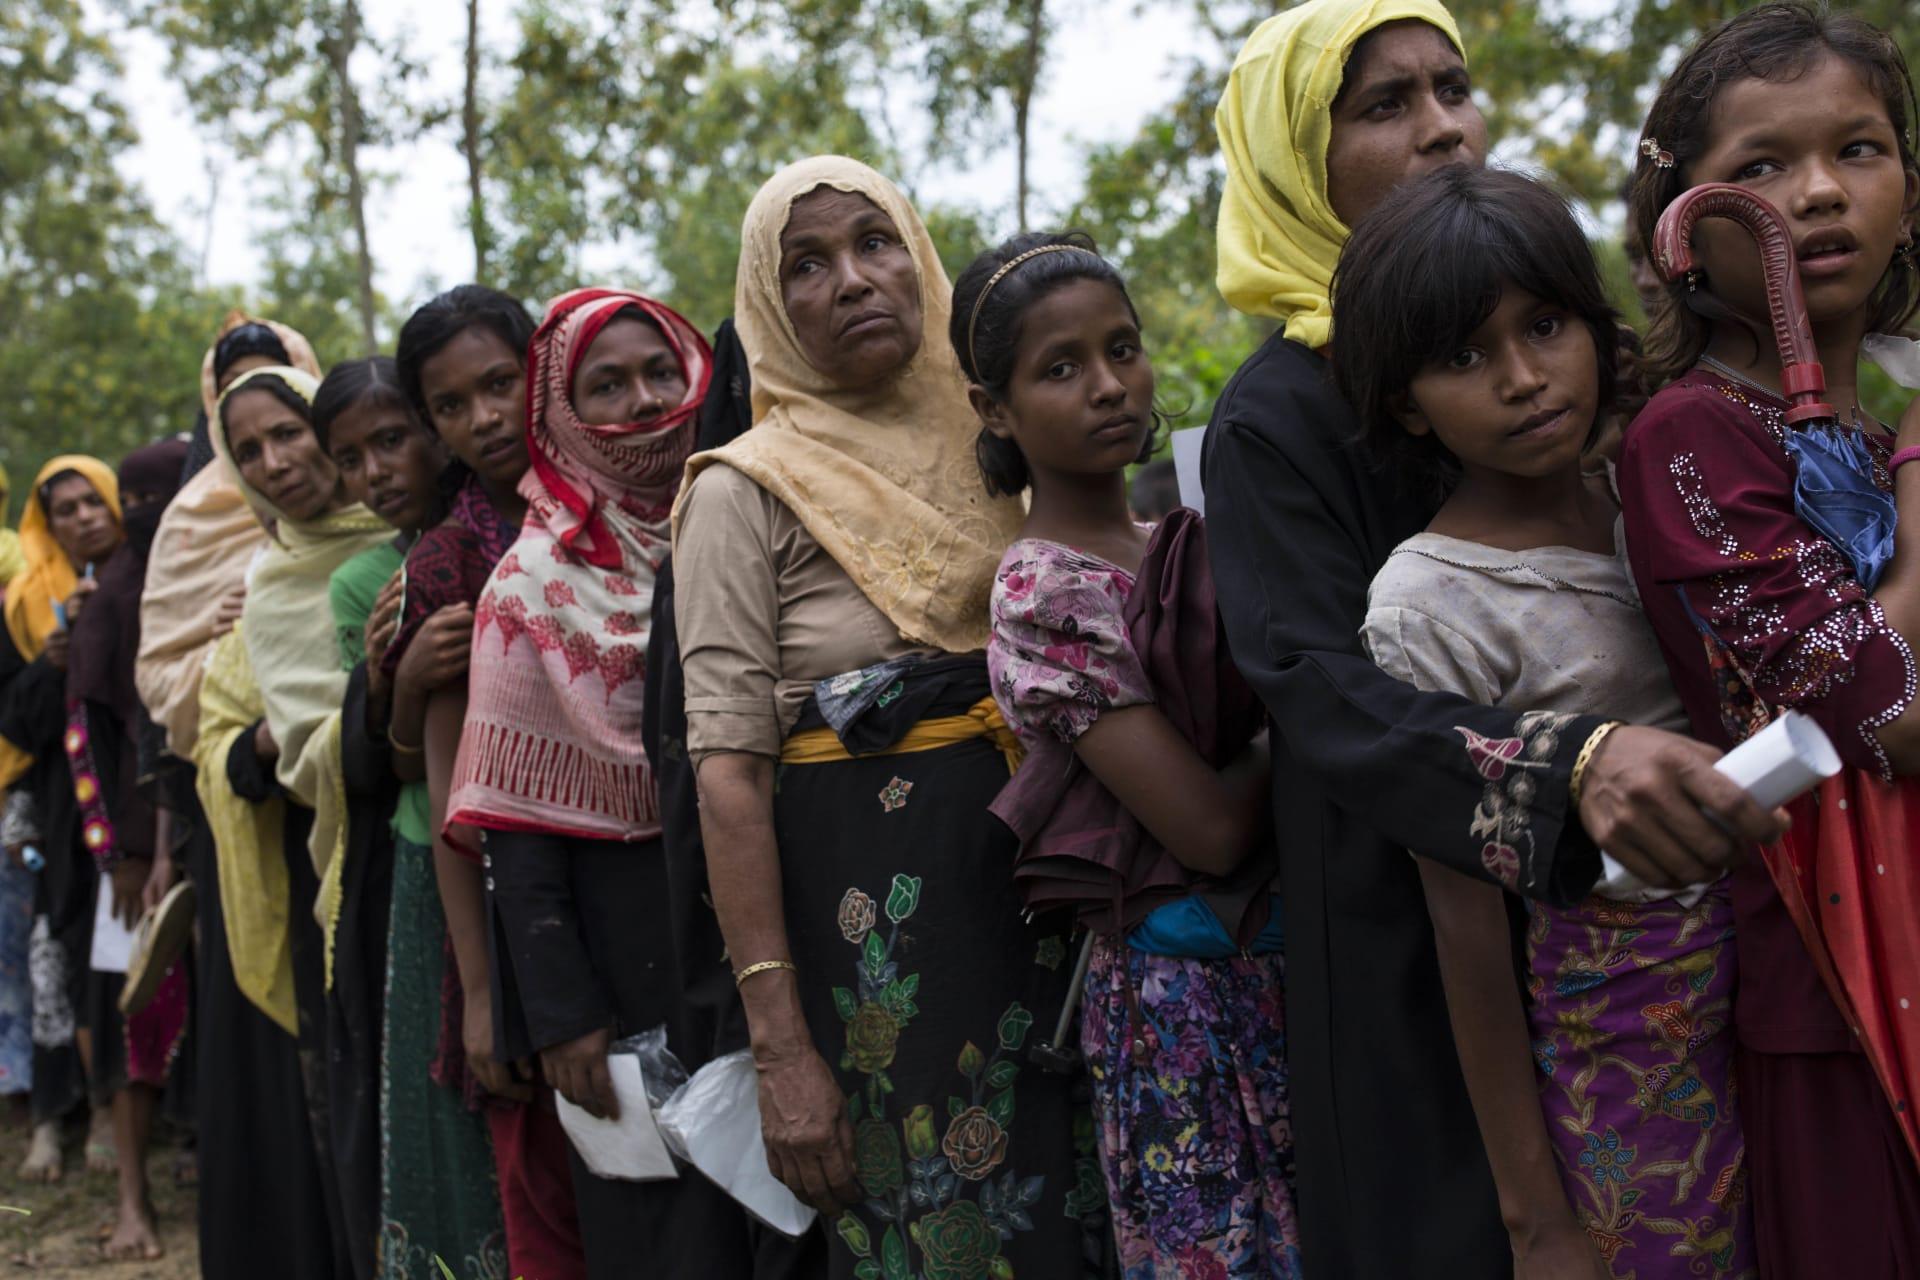 الطويان حول الروهينغا: ميانمار تنتهج التطهير العرقي.. وهذه جهود السعودية في القضية